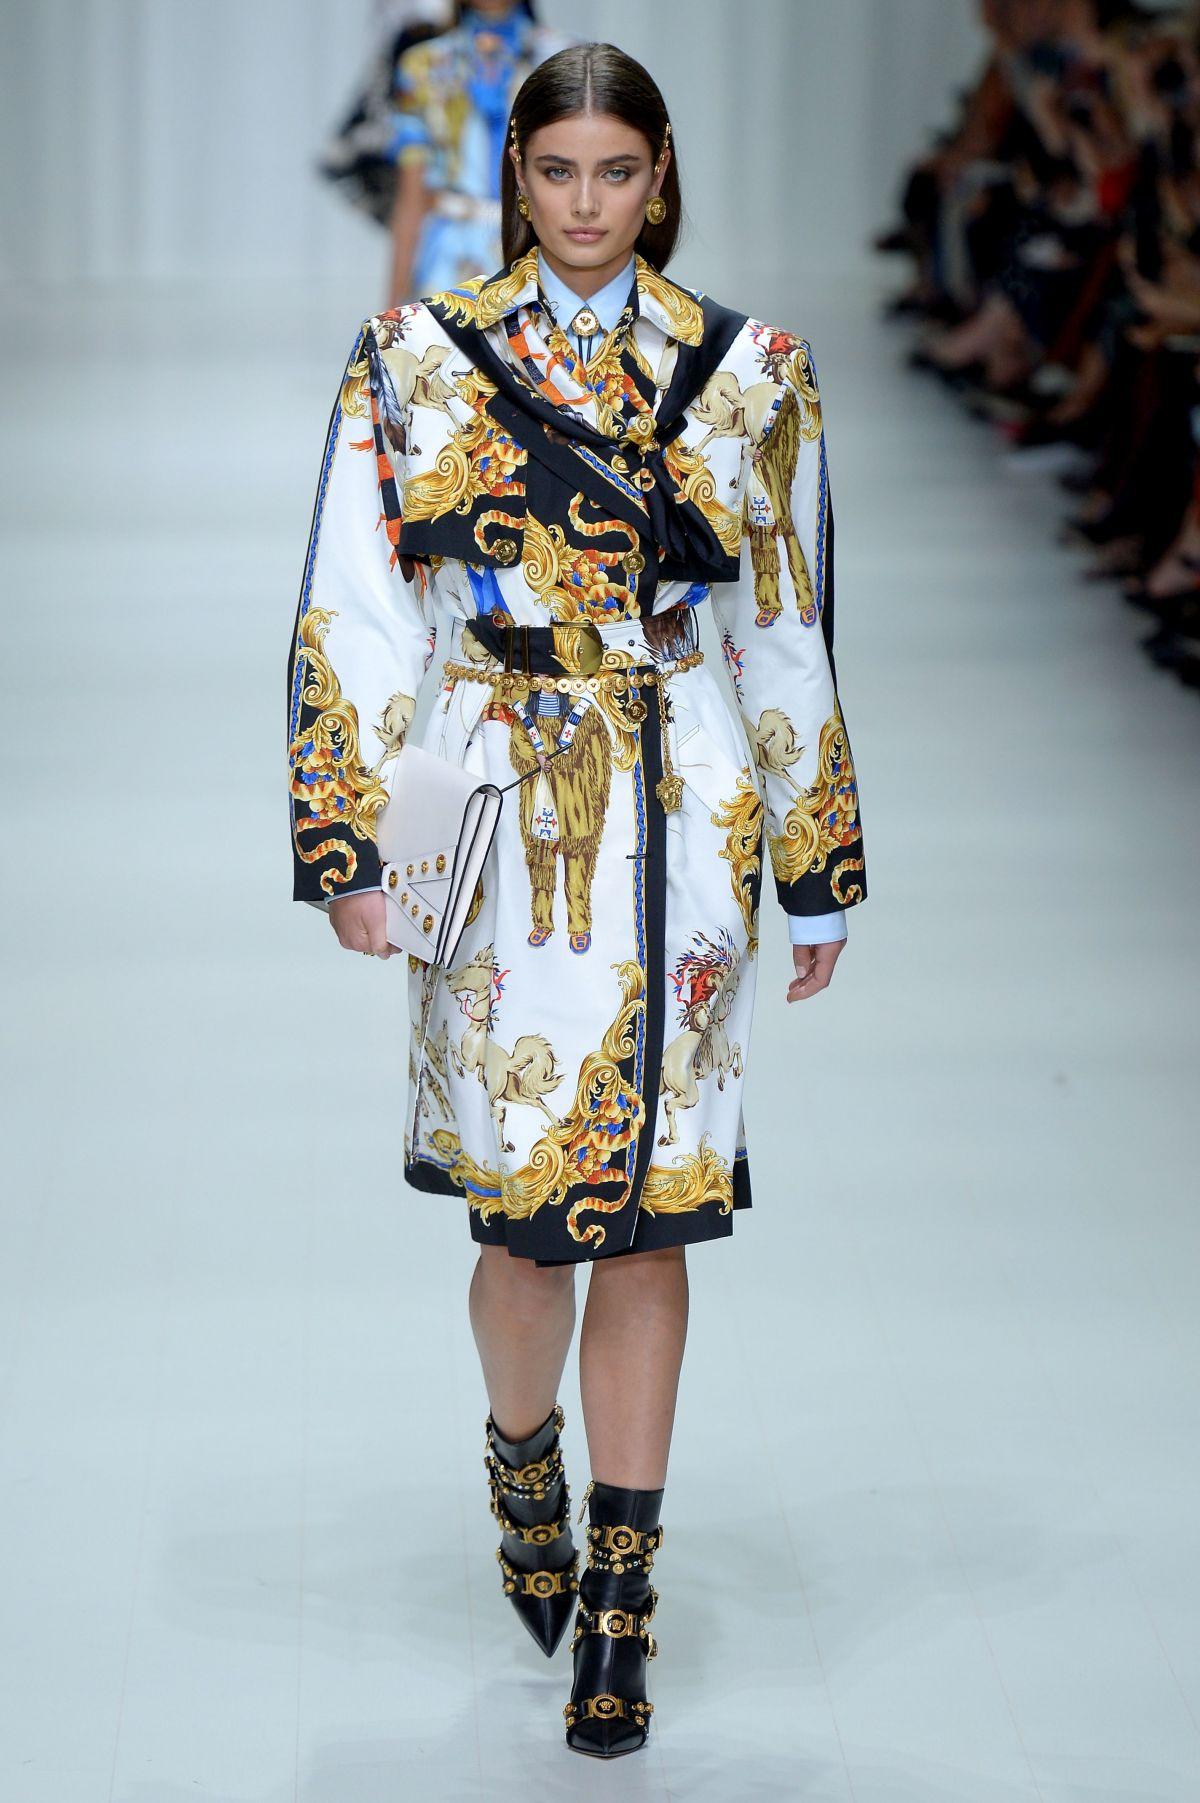 TAYLOR HILL at Versace Fashion Show at Milan Fashion Week ...